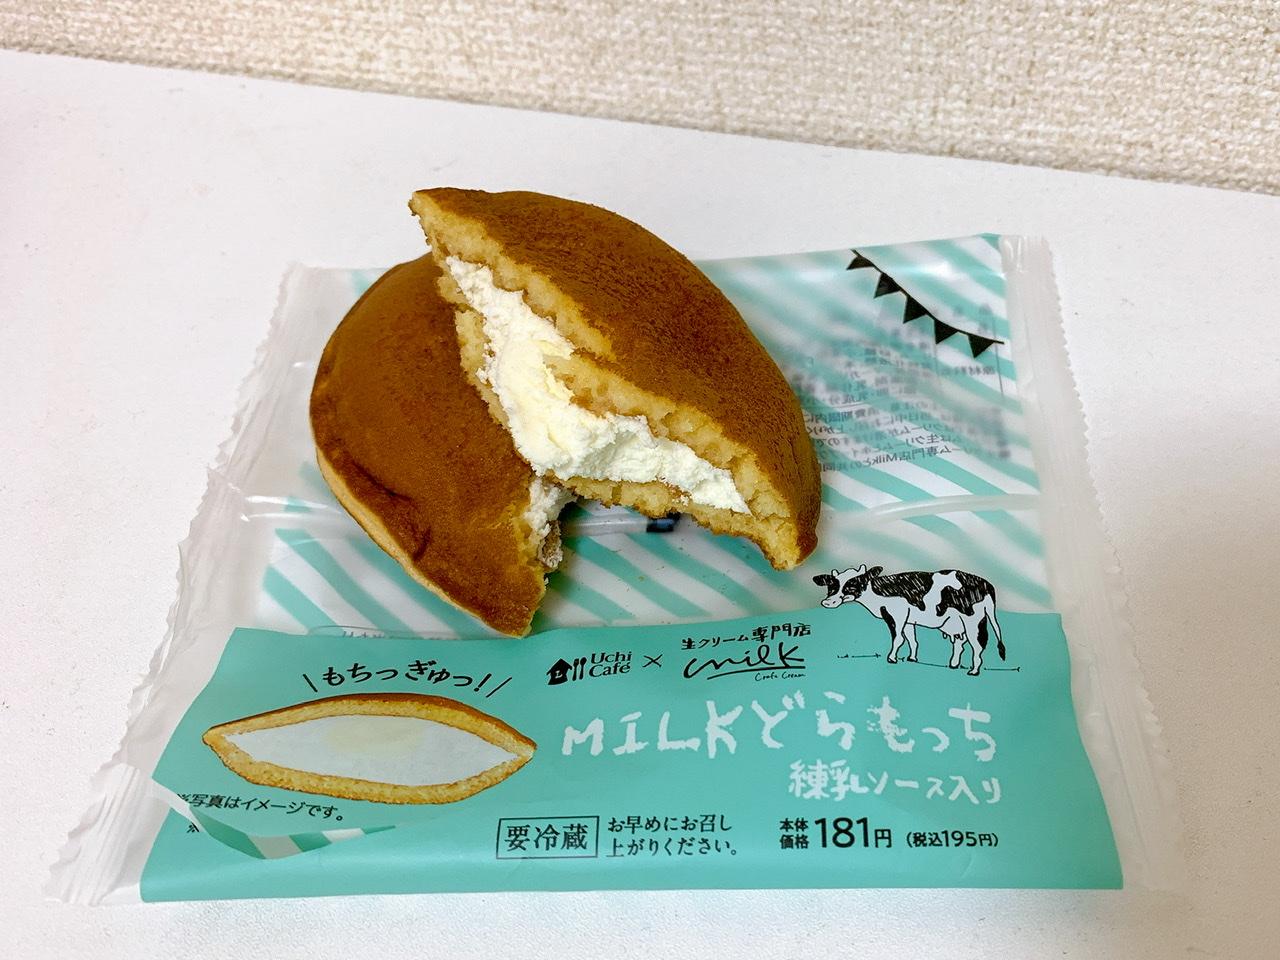 生クリーム専門店Milkの味がおうちで楽しめる!?LAWSONスイーツを食べてみた_2